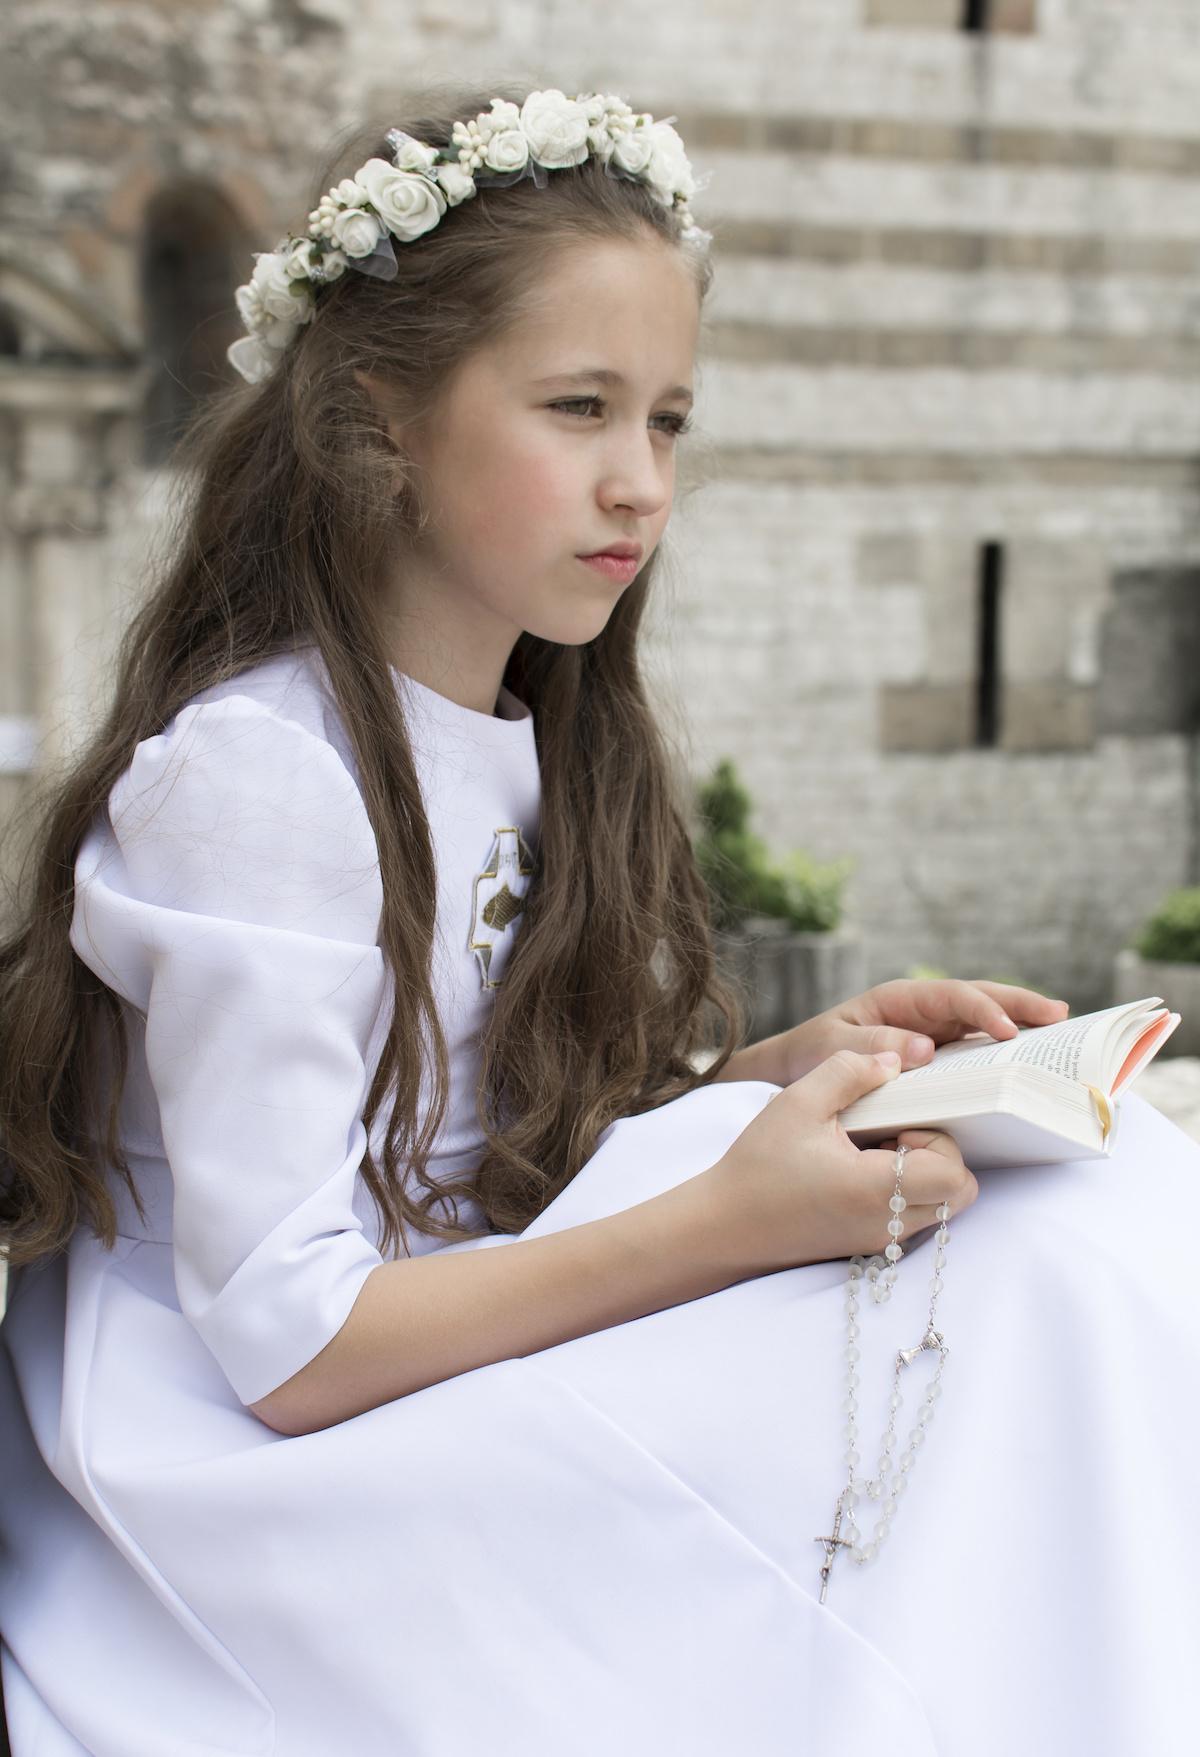 b2a2fdbbd9 Fryzury komunijne dla dziewczynek - Najpiękniejsze fryzury komunijne ...